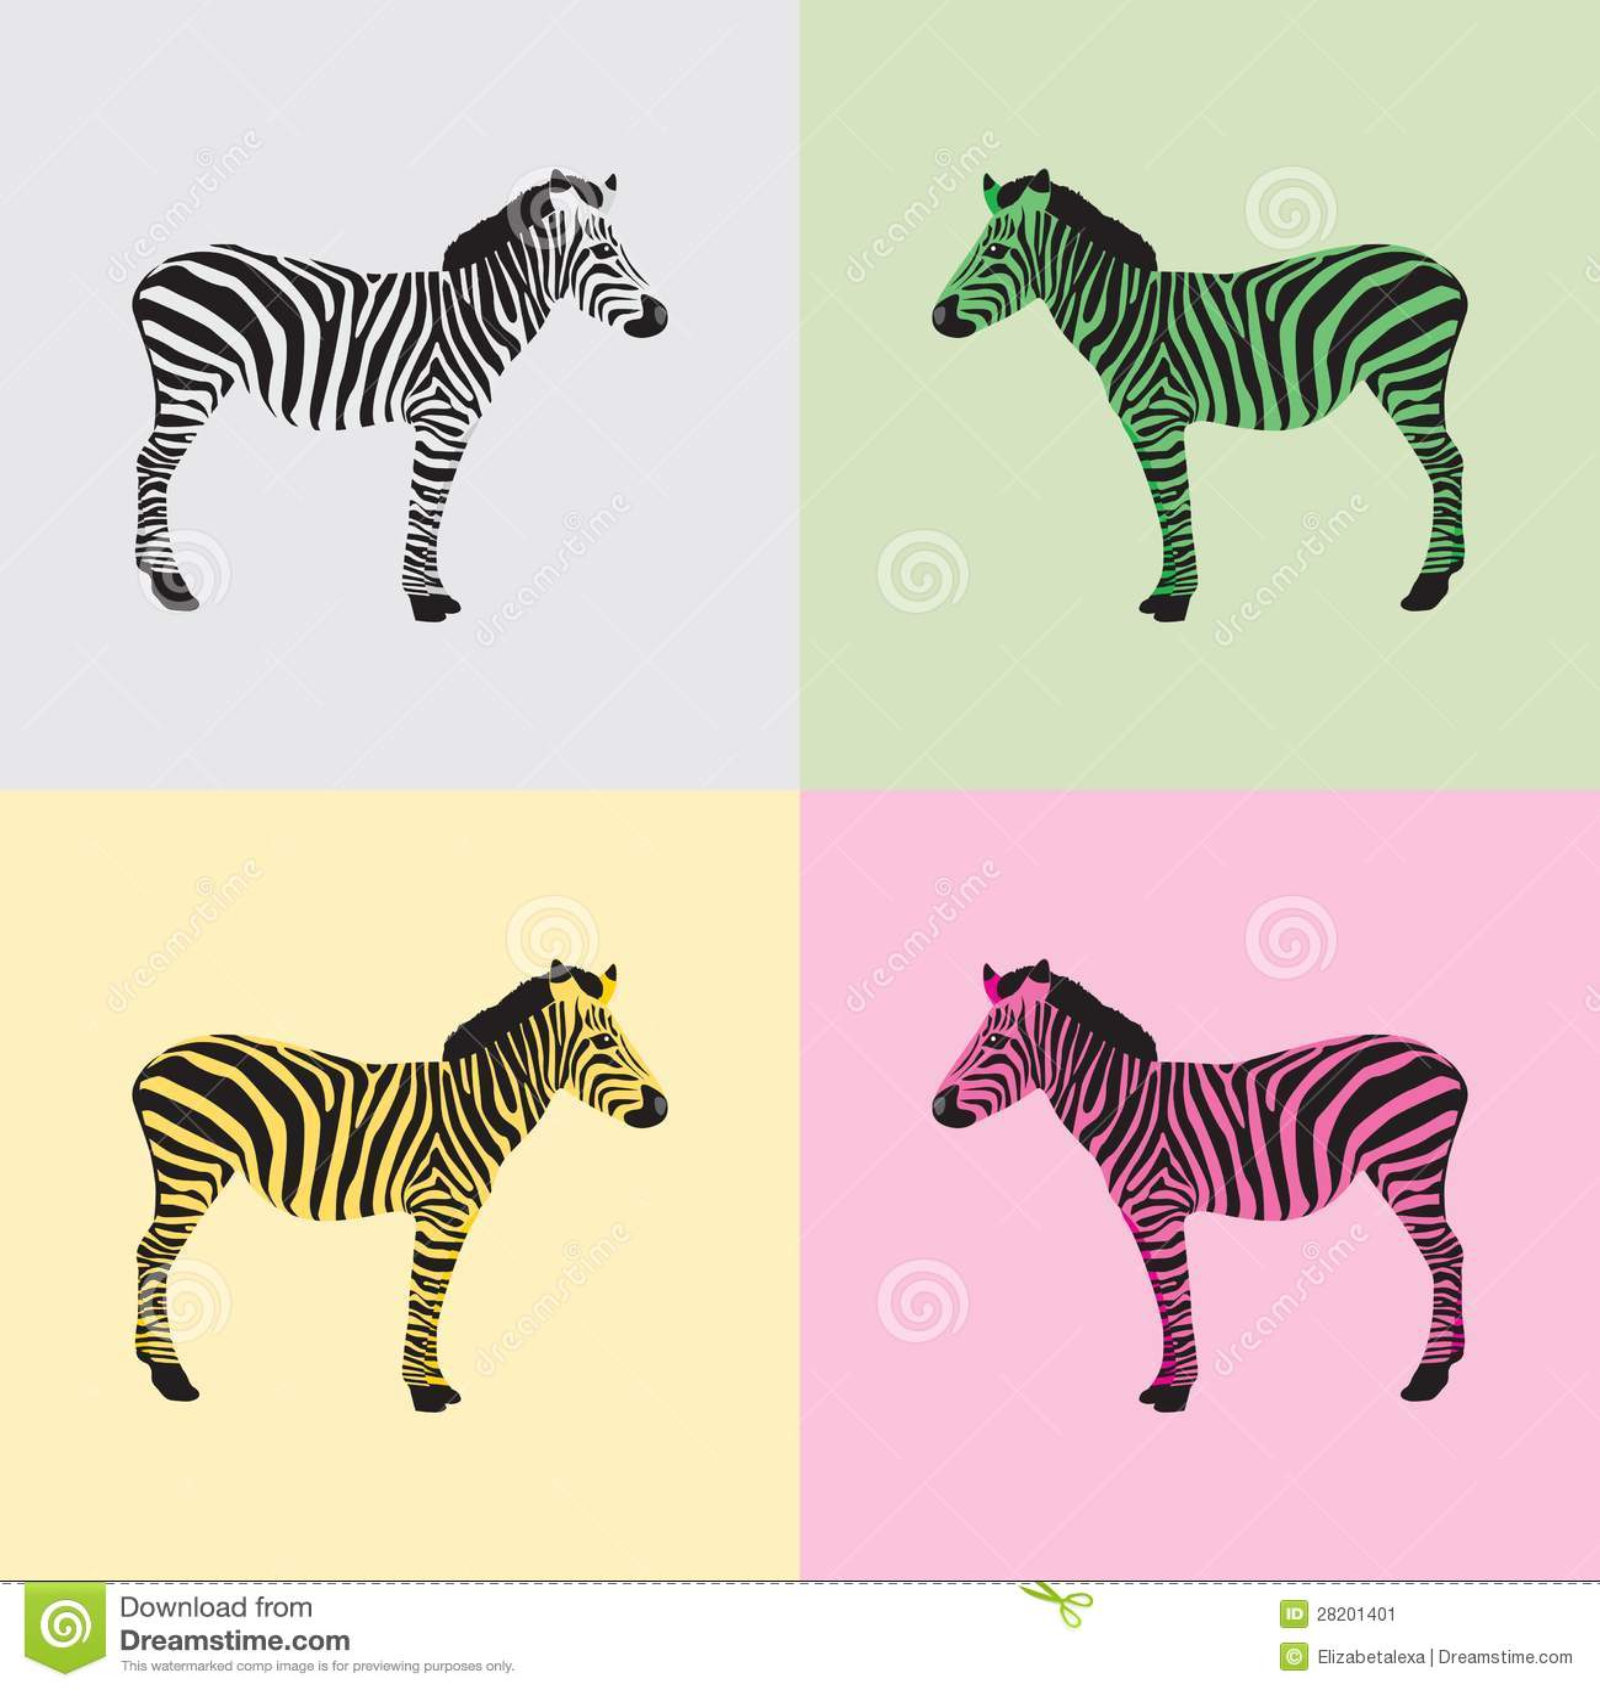 Hermosa Páginas De Color Cebra Bandera - Ideas Creativas para ...